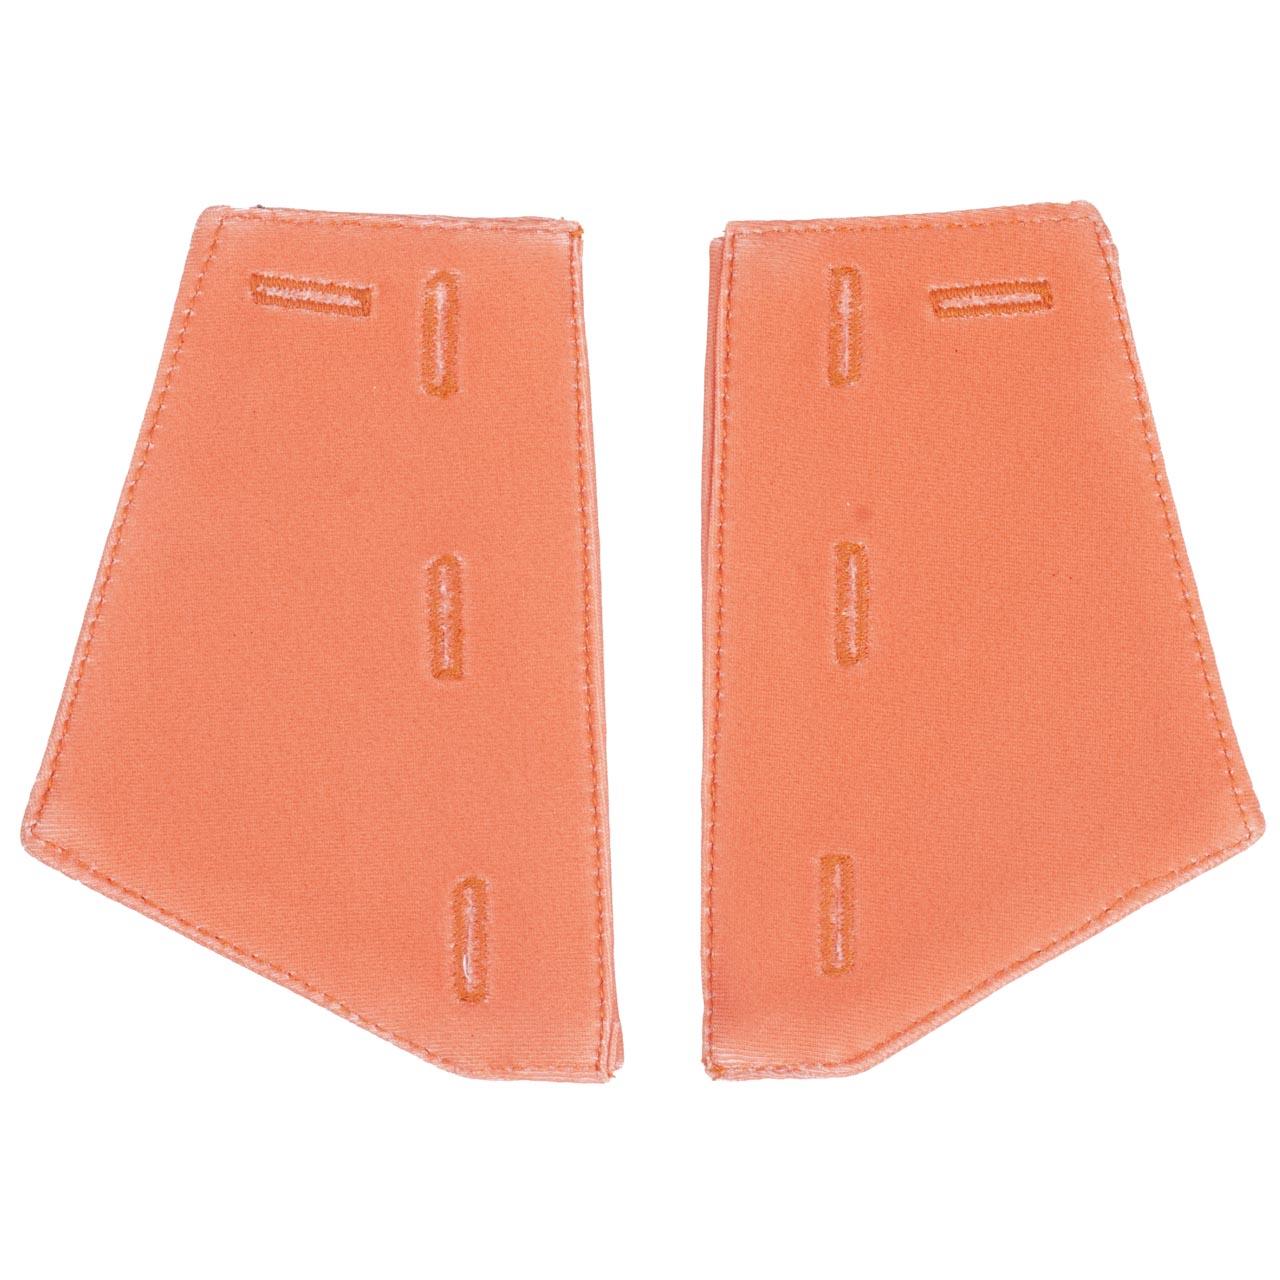 Horka Splts voor rijjas oranje